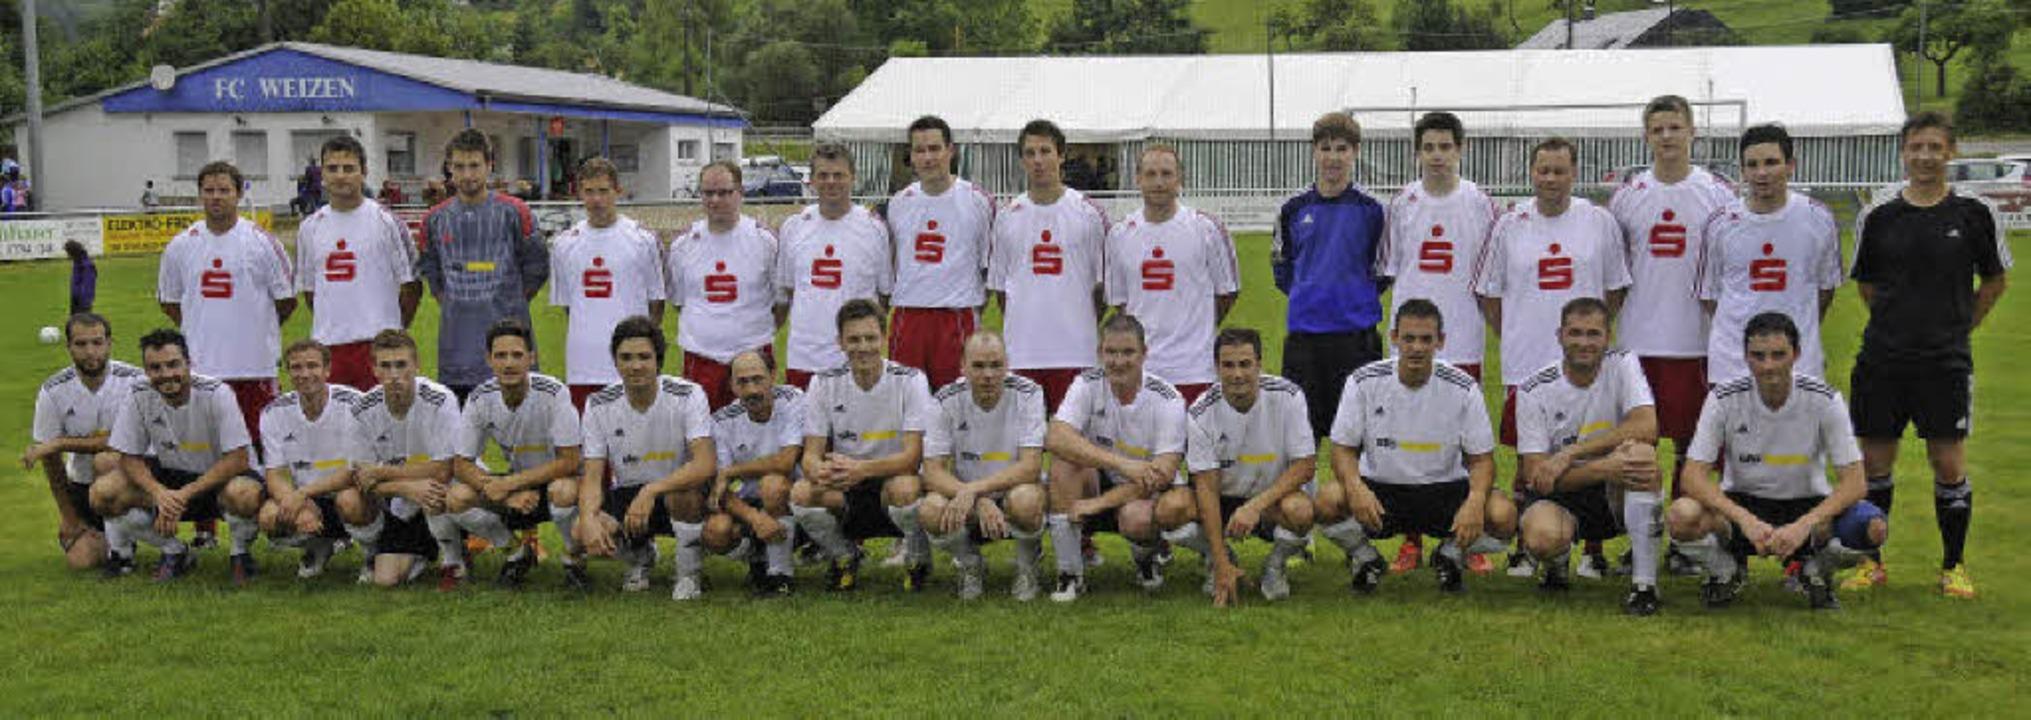 Der Mannschaft der Sparkasse Bonndorf-...f die faire Partie am Ende mit 6:2 ab.    Foto: Dietmar Noeske